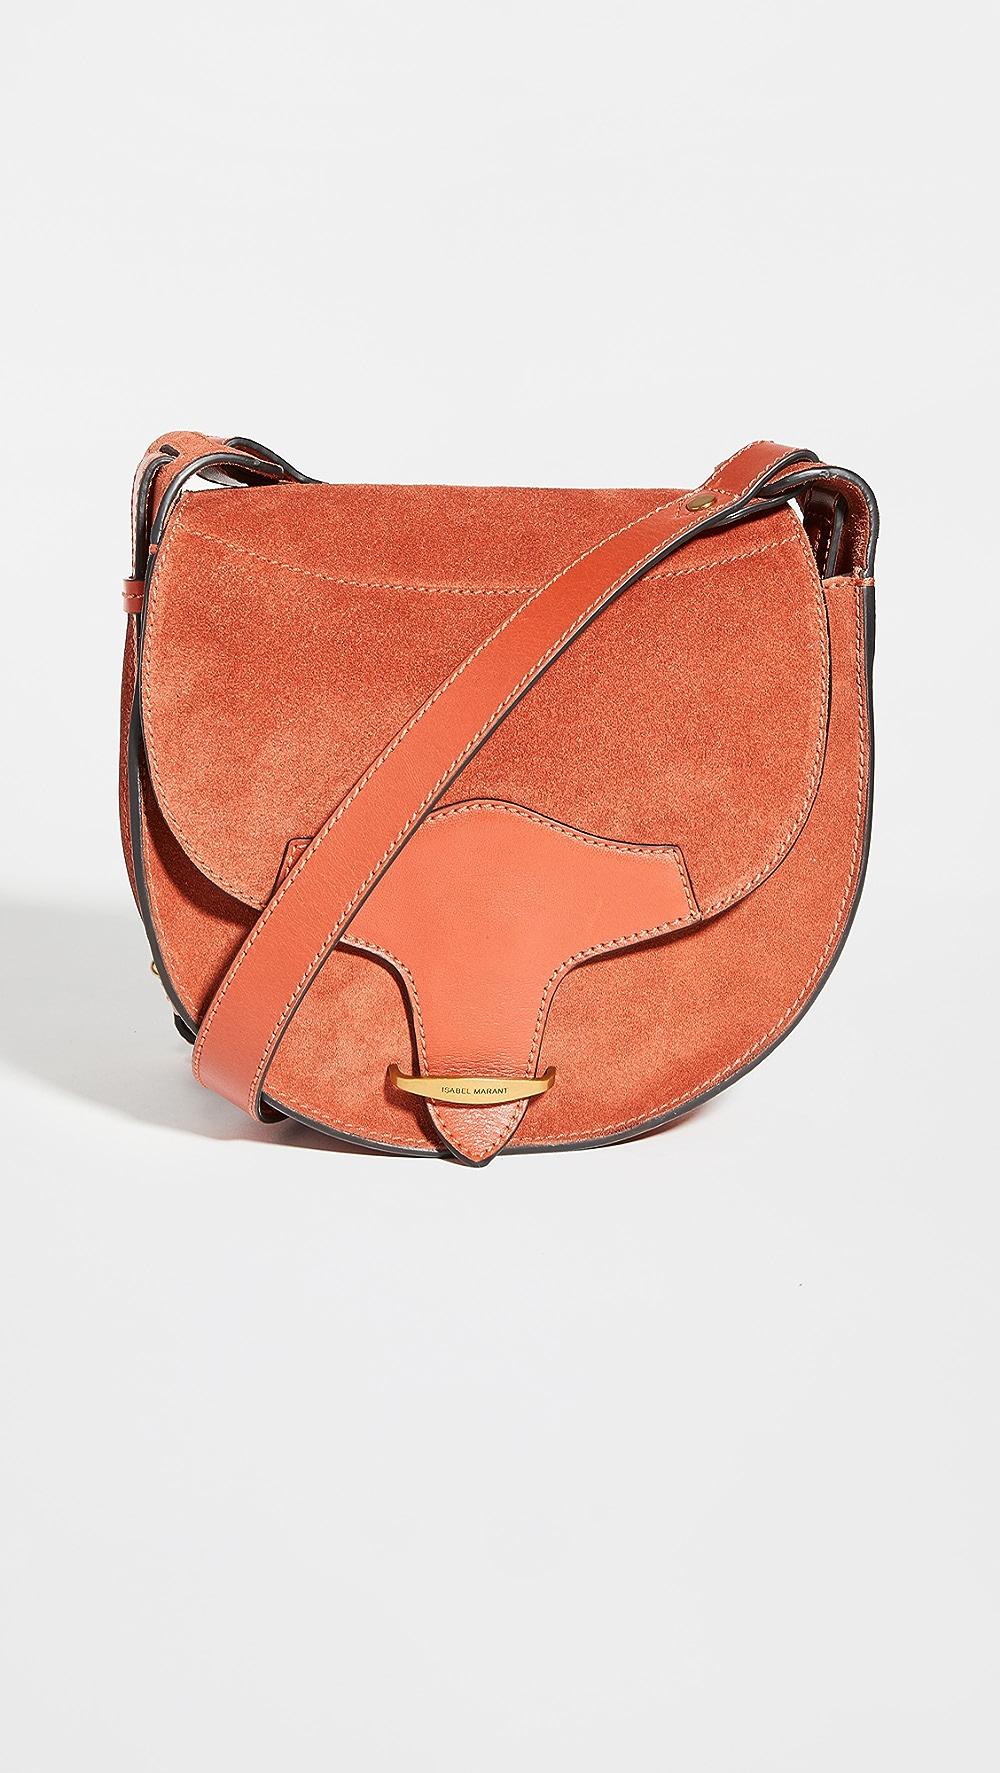 2019 Latest Design Isabel Marant - Botsy Shoulder Bag High Resilience